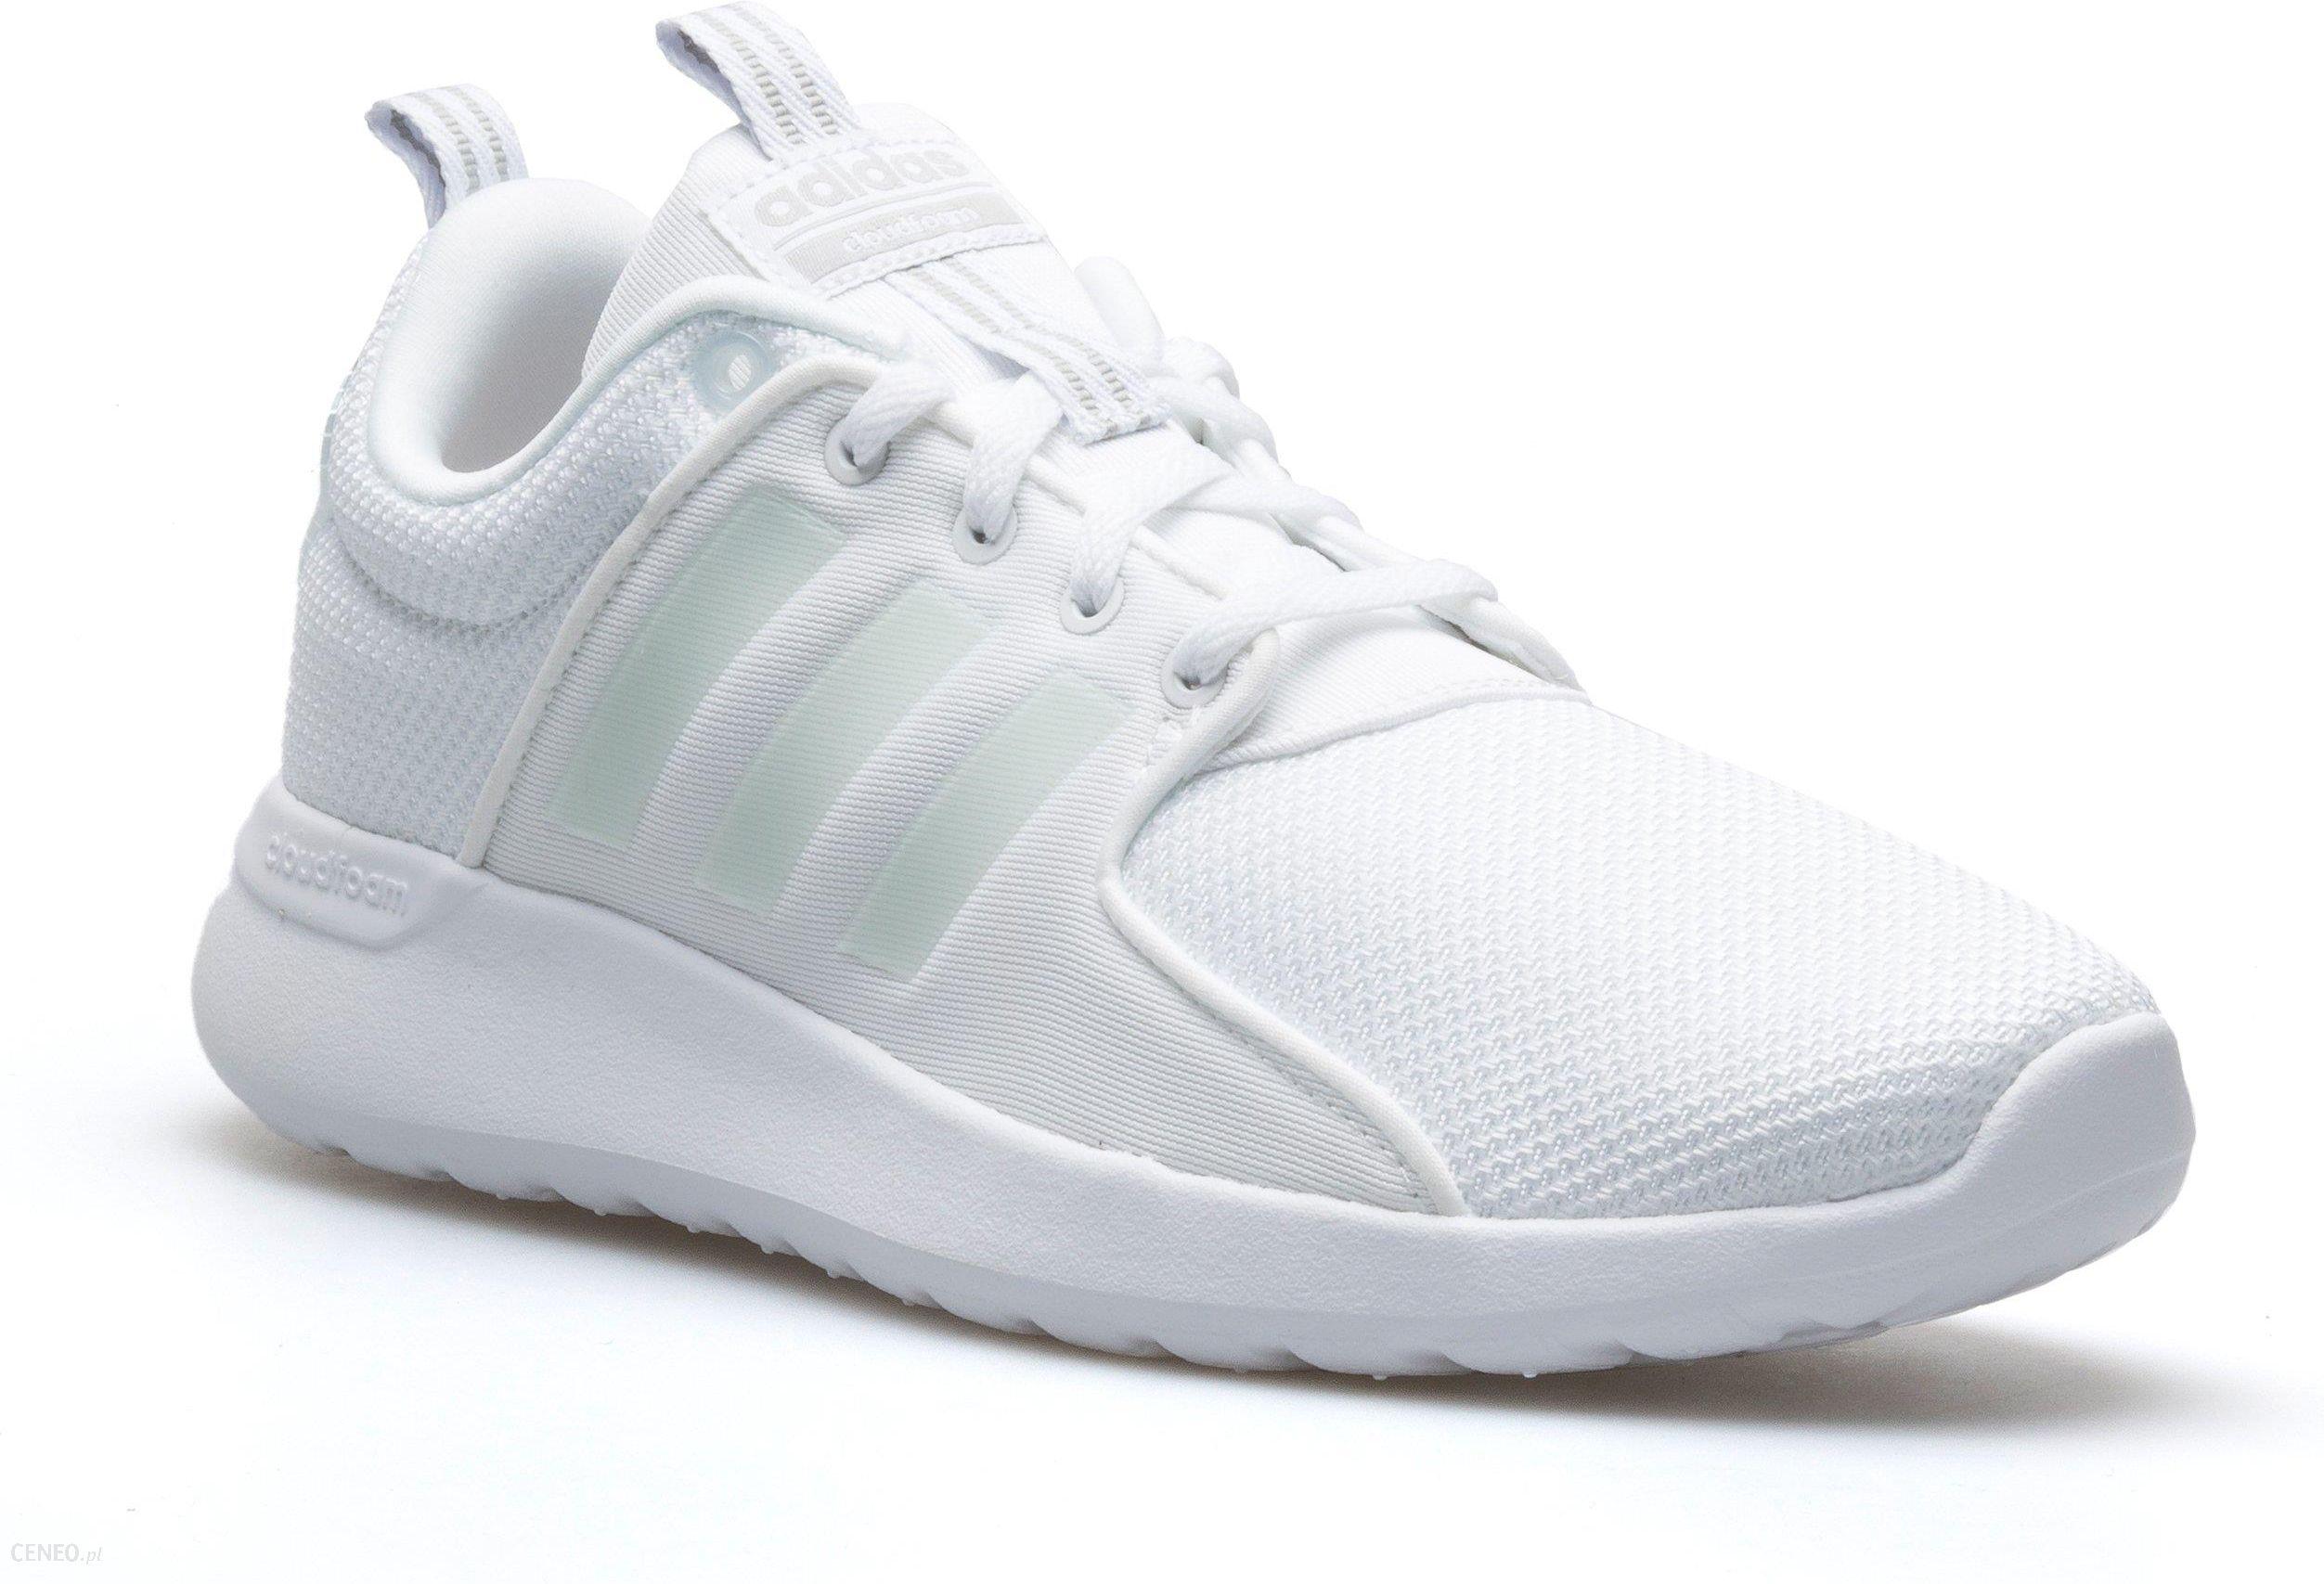 Buty męskie adidas Cloudfoam Lite BB9820 r. 42 Ceny i opinie Ceneo.pl